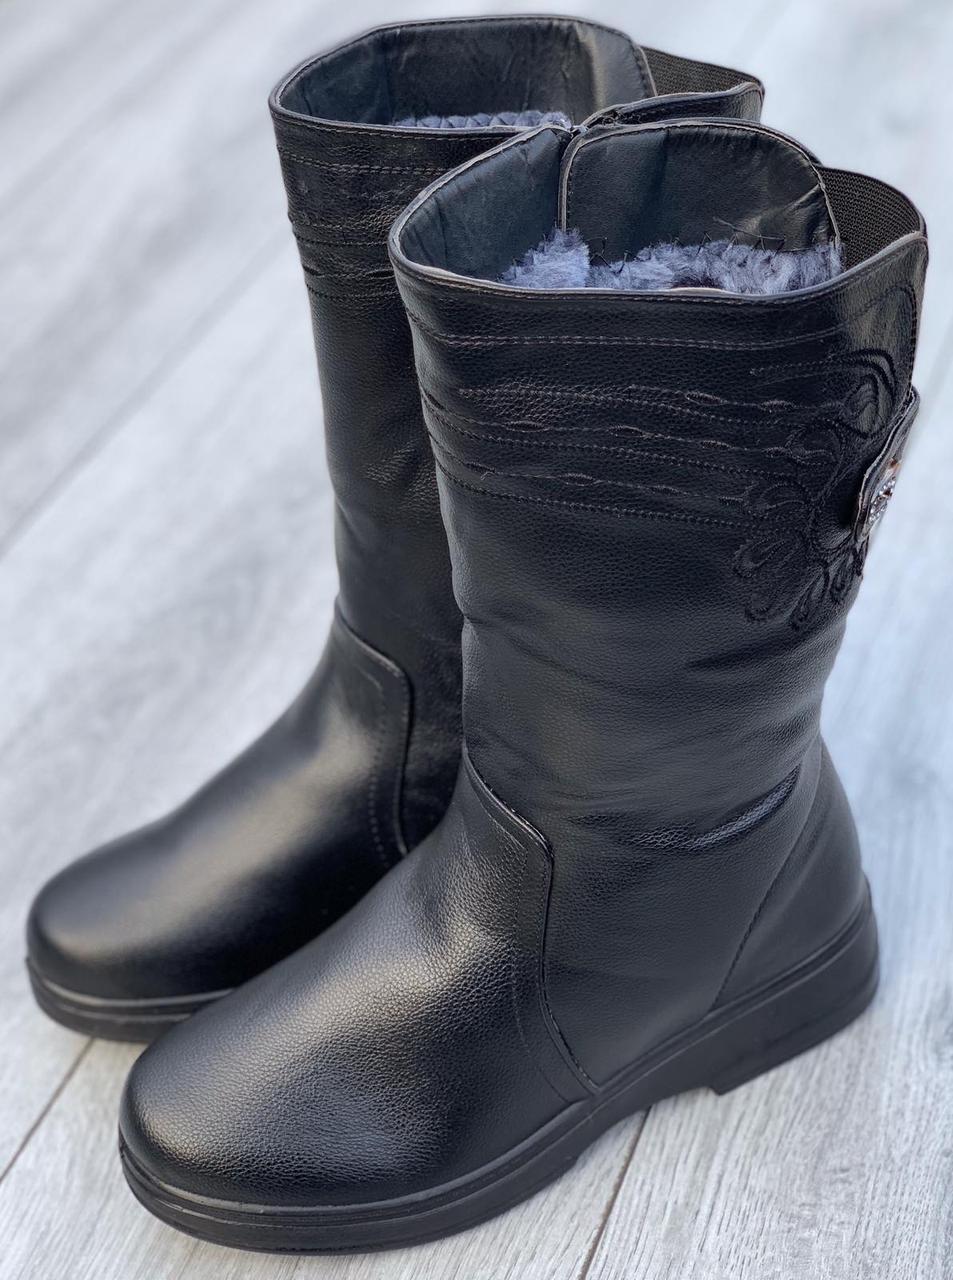 Ботинки женские зимние 8 пар в ящике черного цвета 37-42